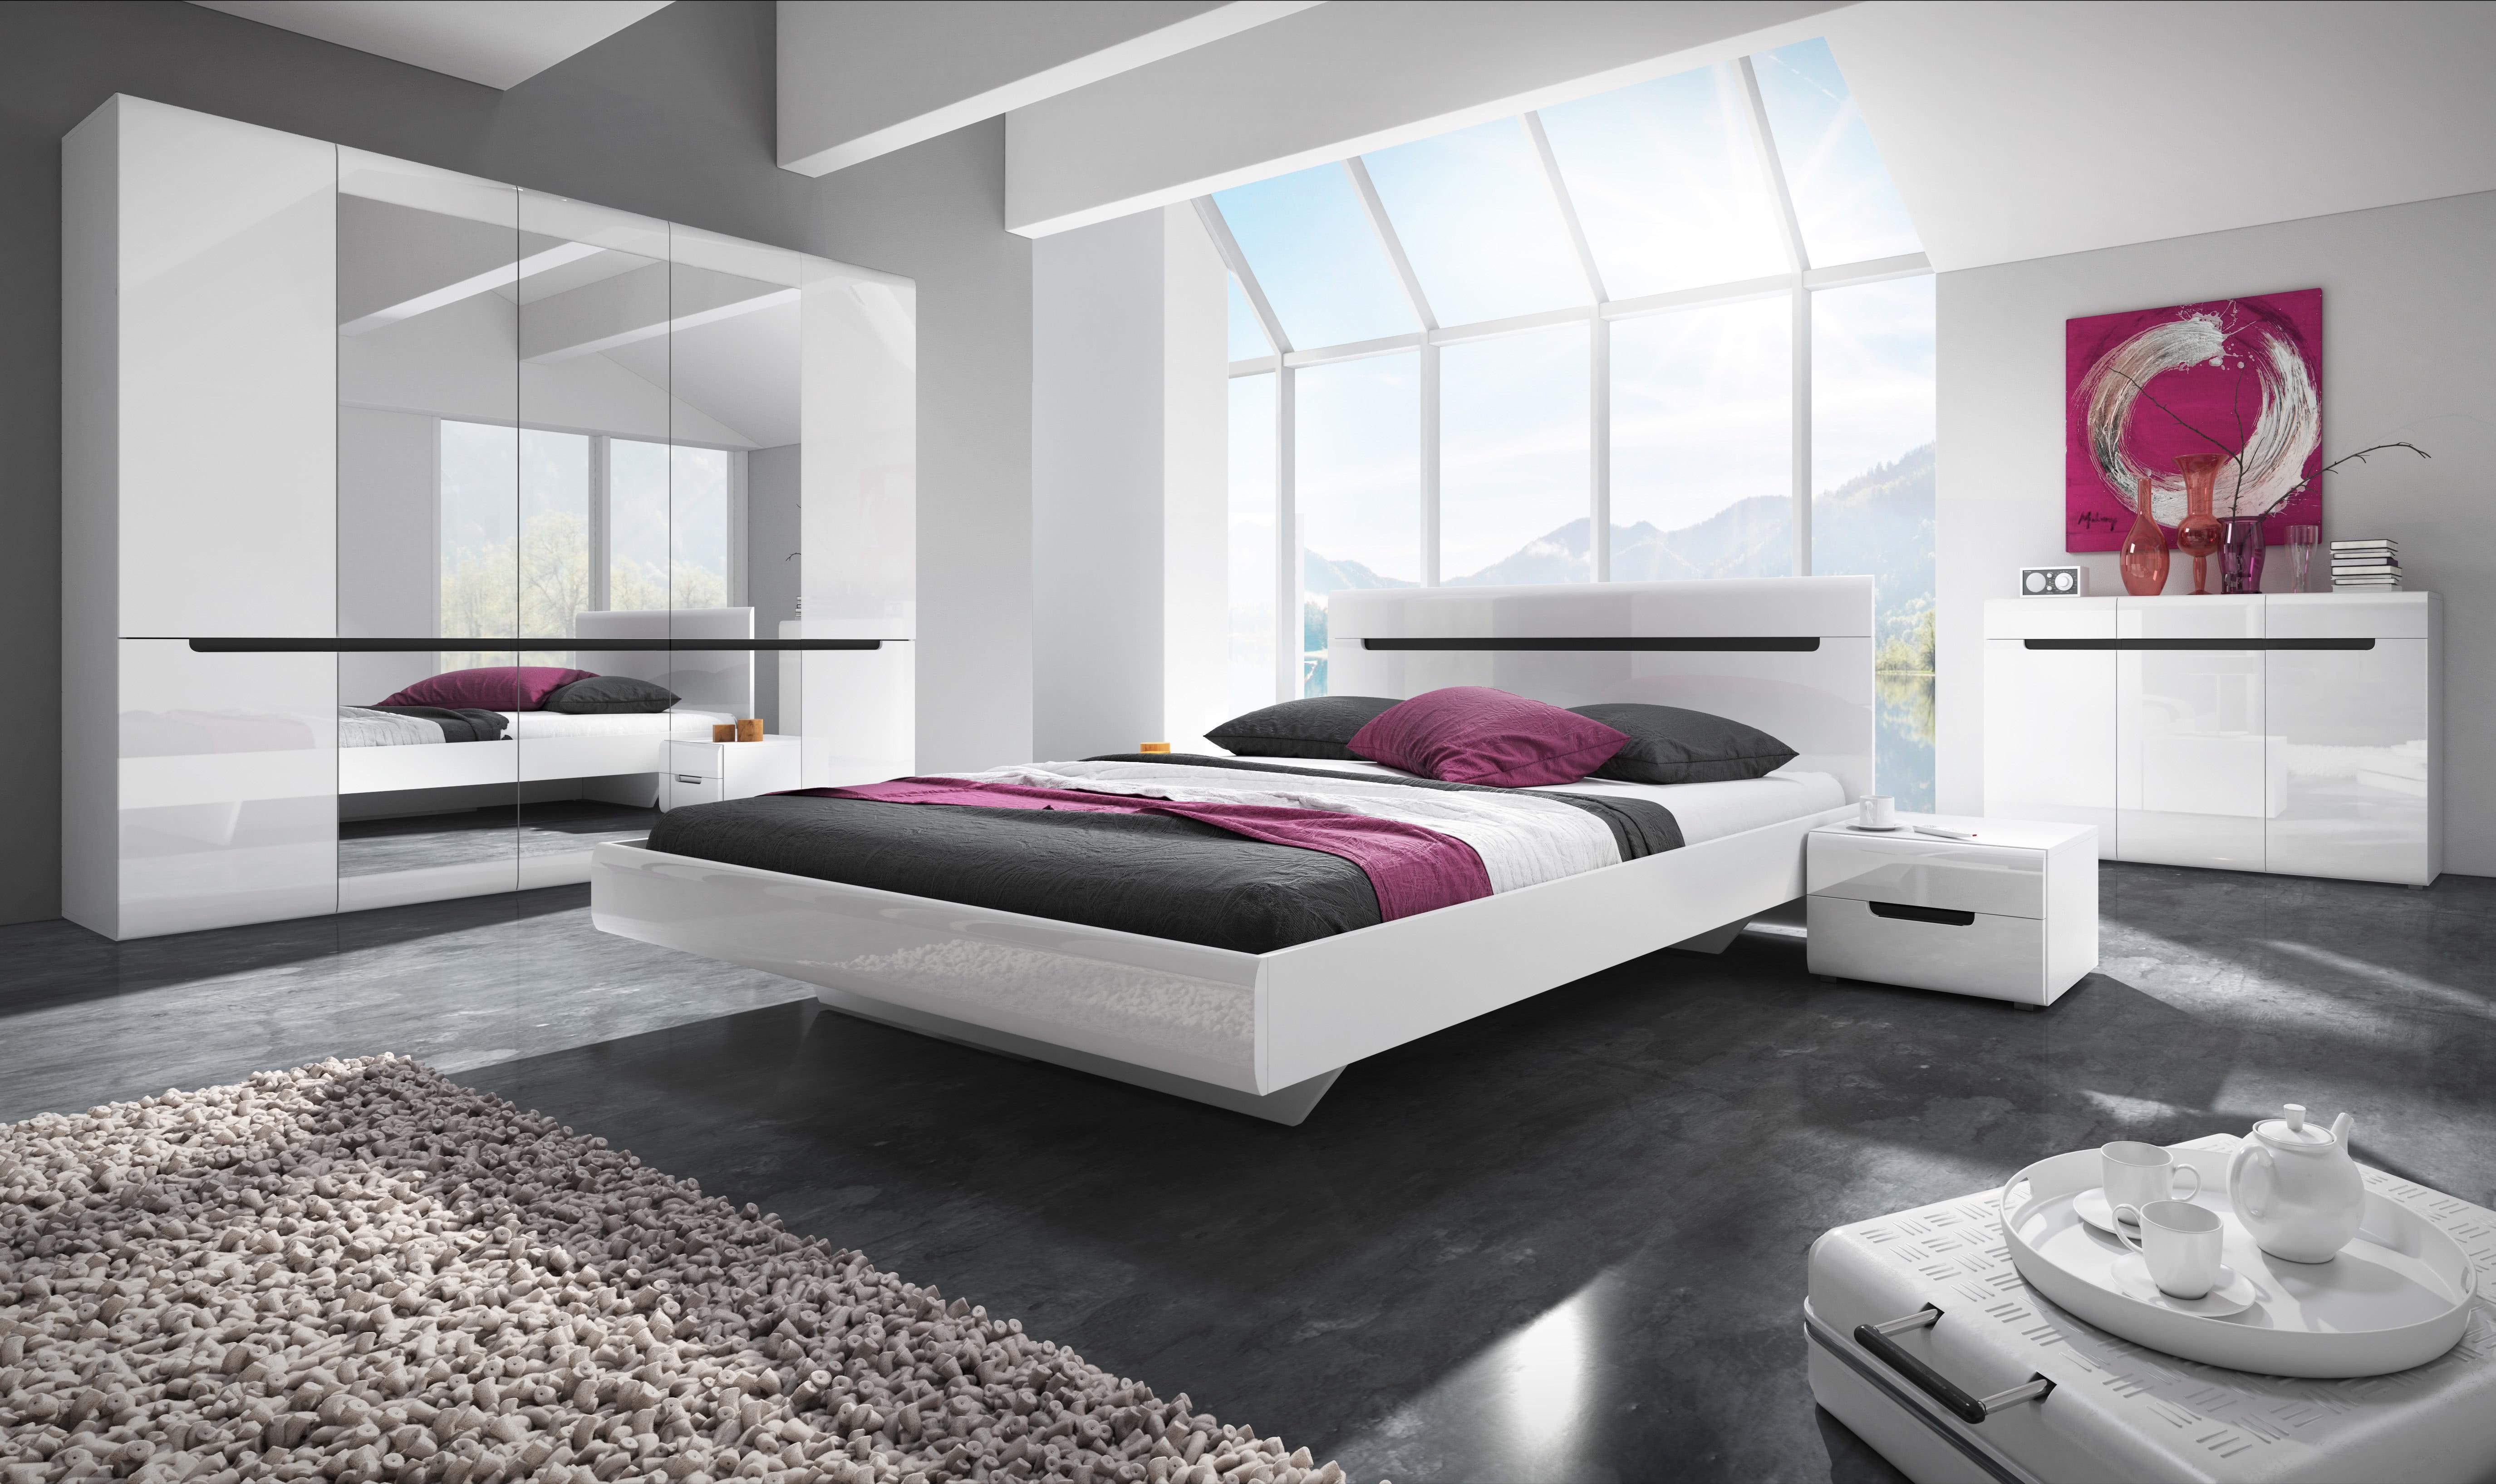 Ložnicová sestava ROTHEK - D - skříň (20), postel 180(32), 2x noční stolek(22), komoda(43), bílá/bílý lesk